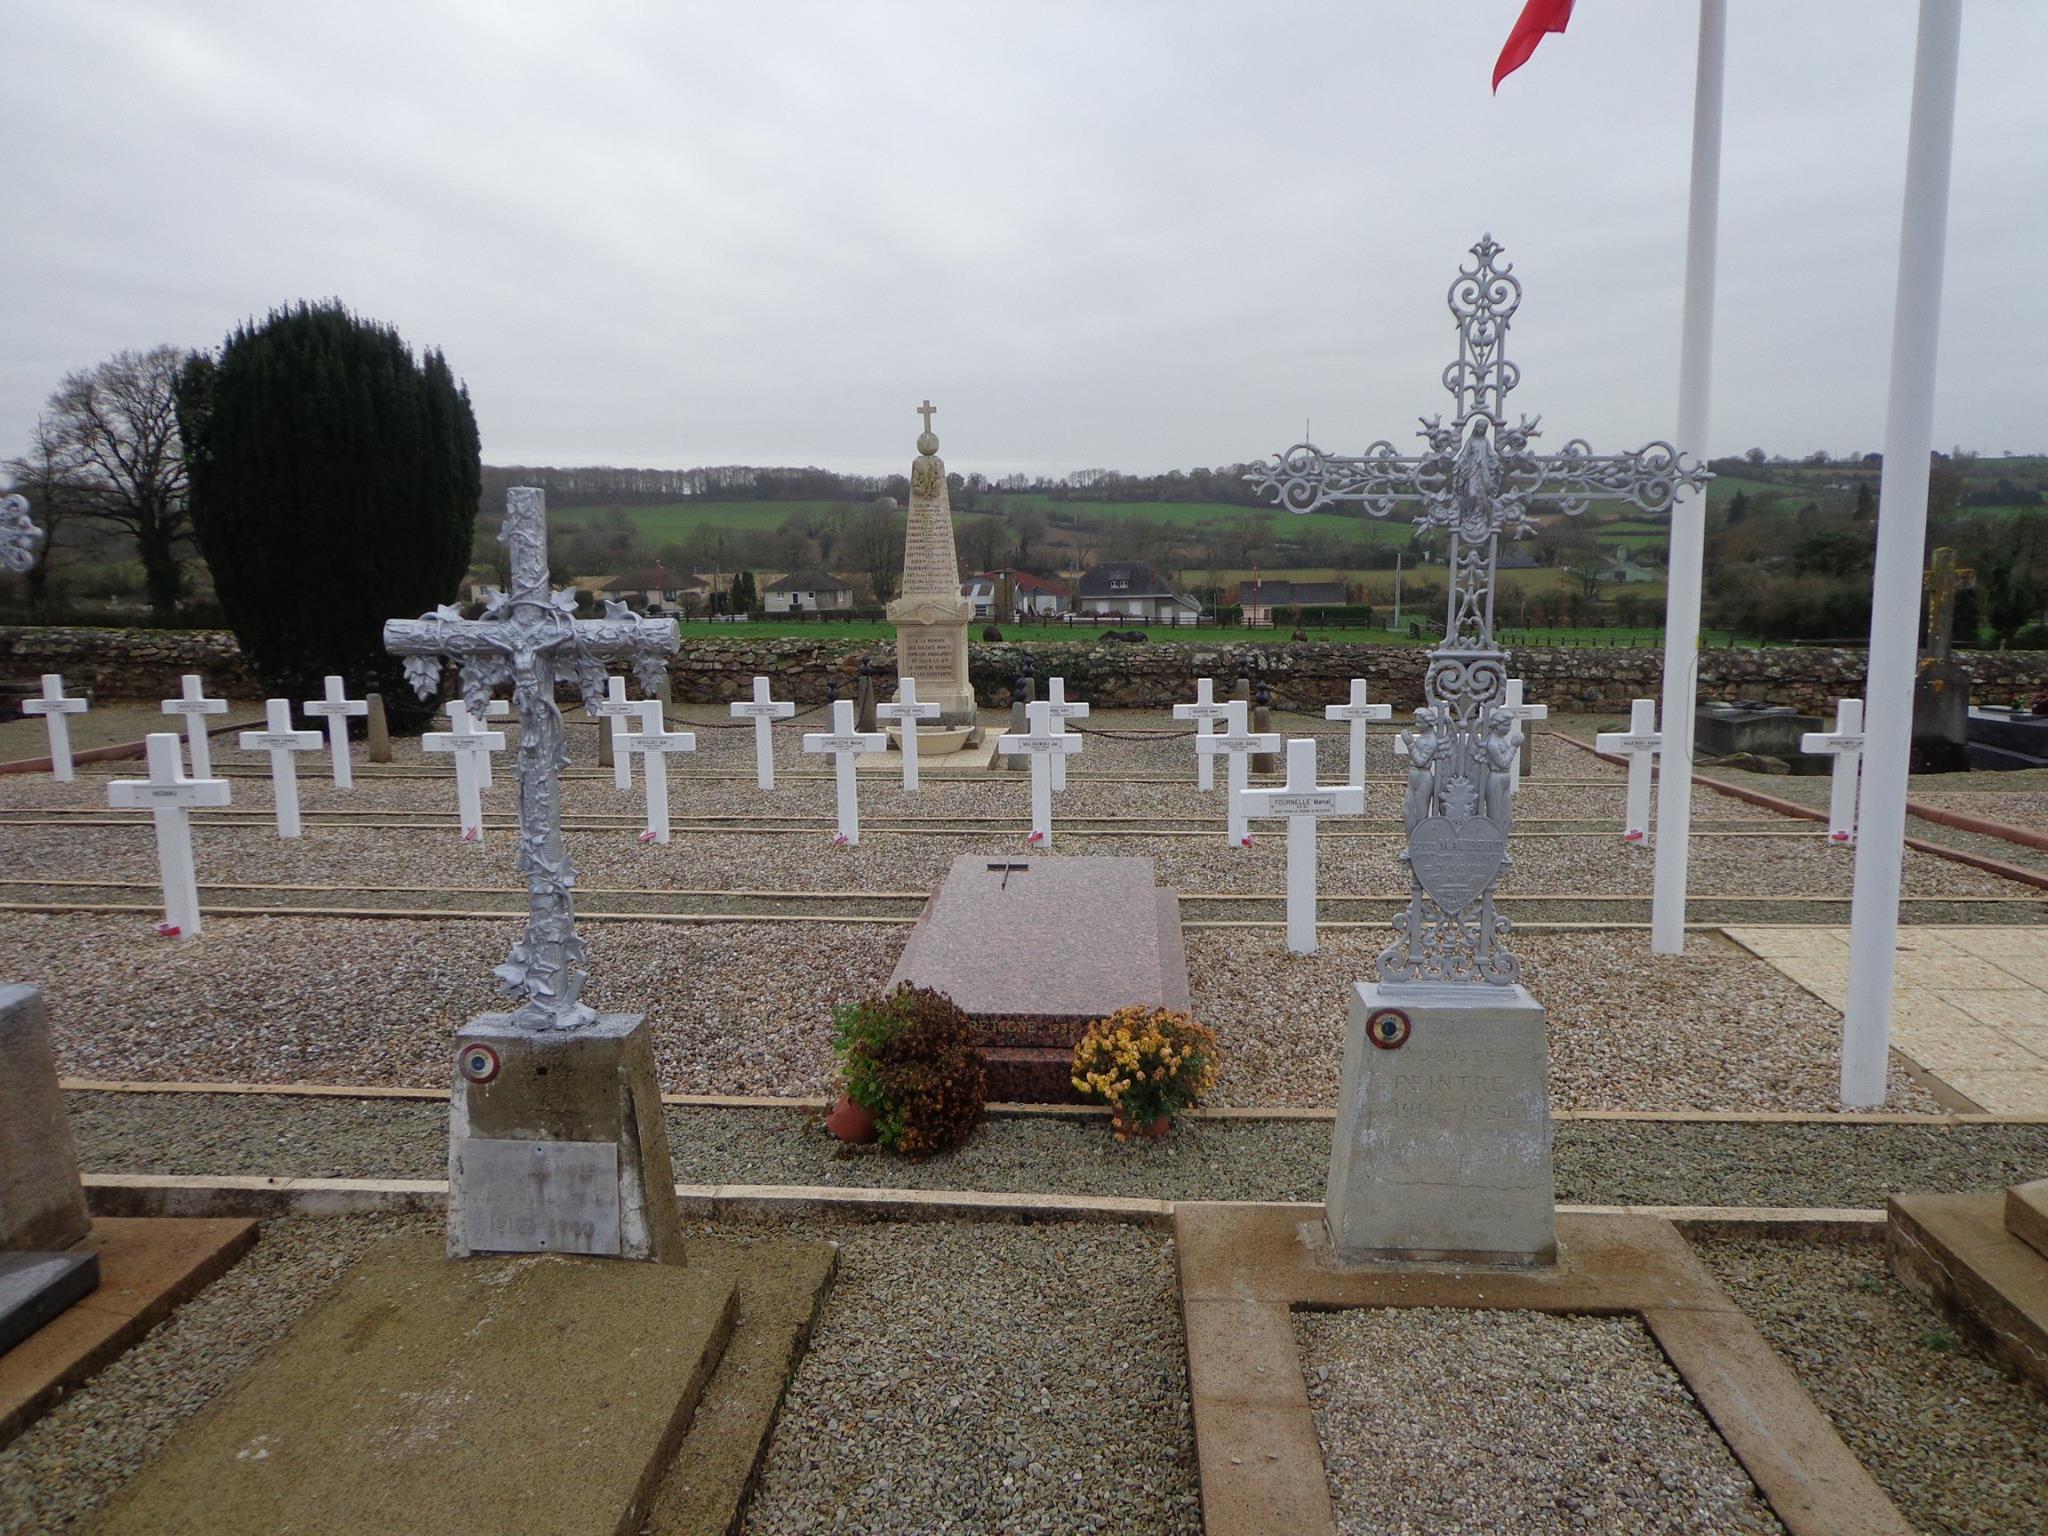 Sillé le Guillaume - Monument commémoratif - Monument aux morts et tombes des soldats (Marie-Yvonne Mersanne)